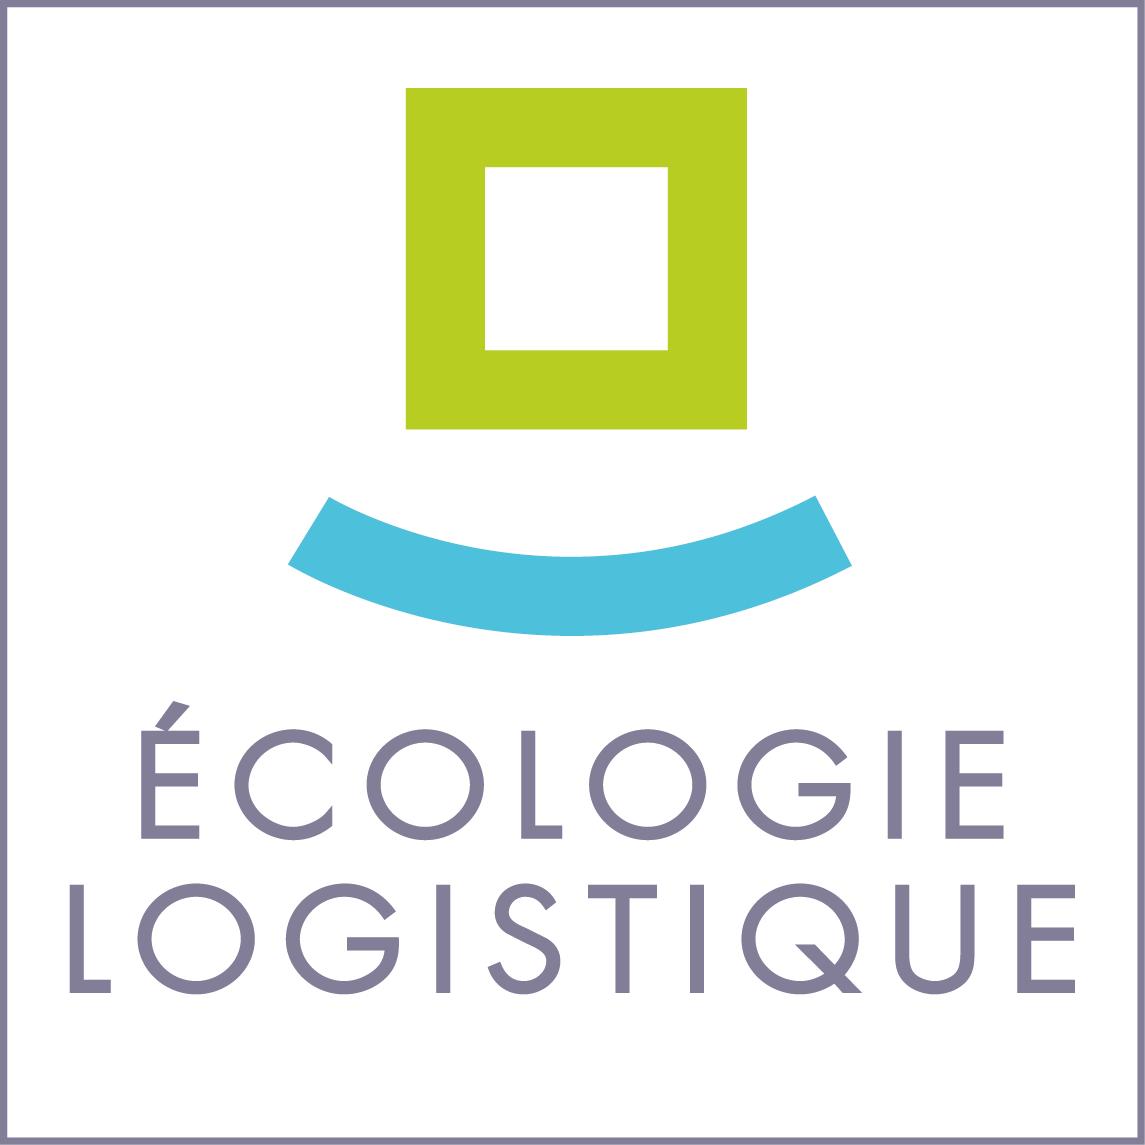 Ecologie Logistique